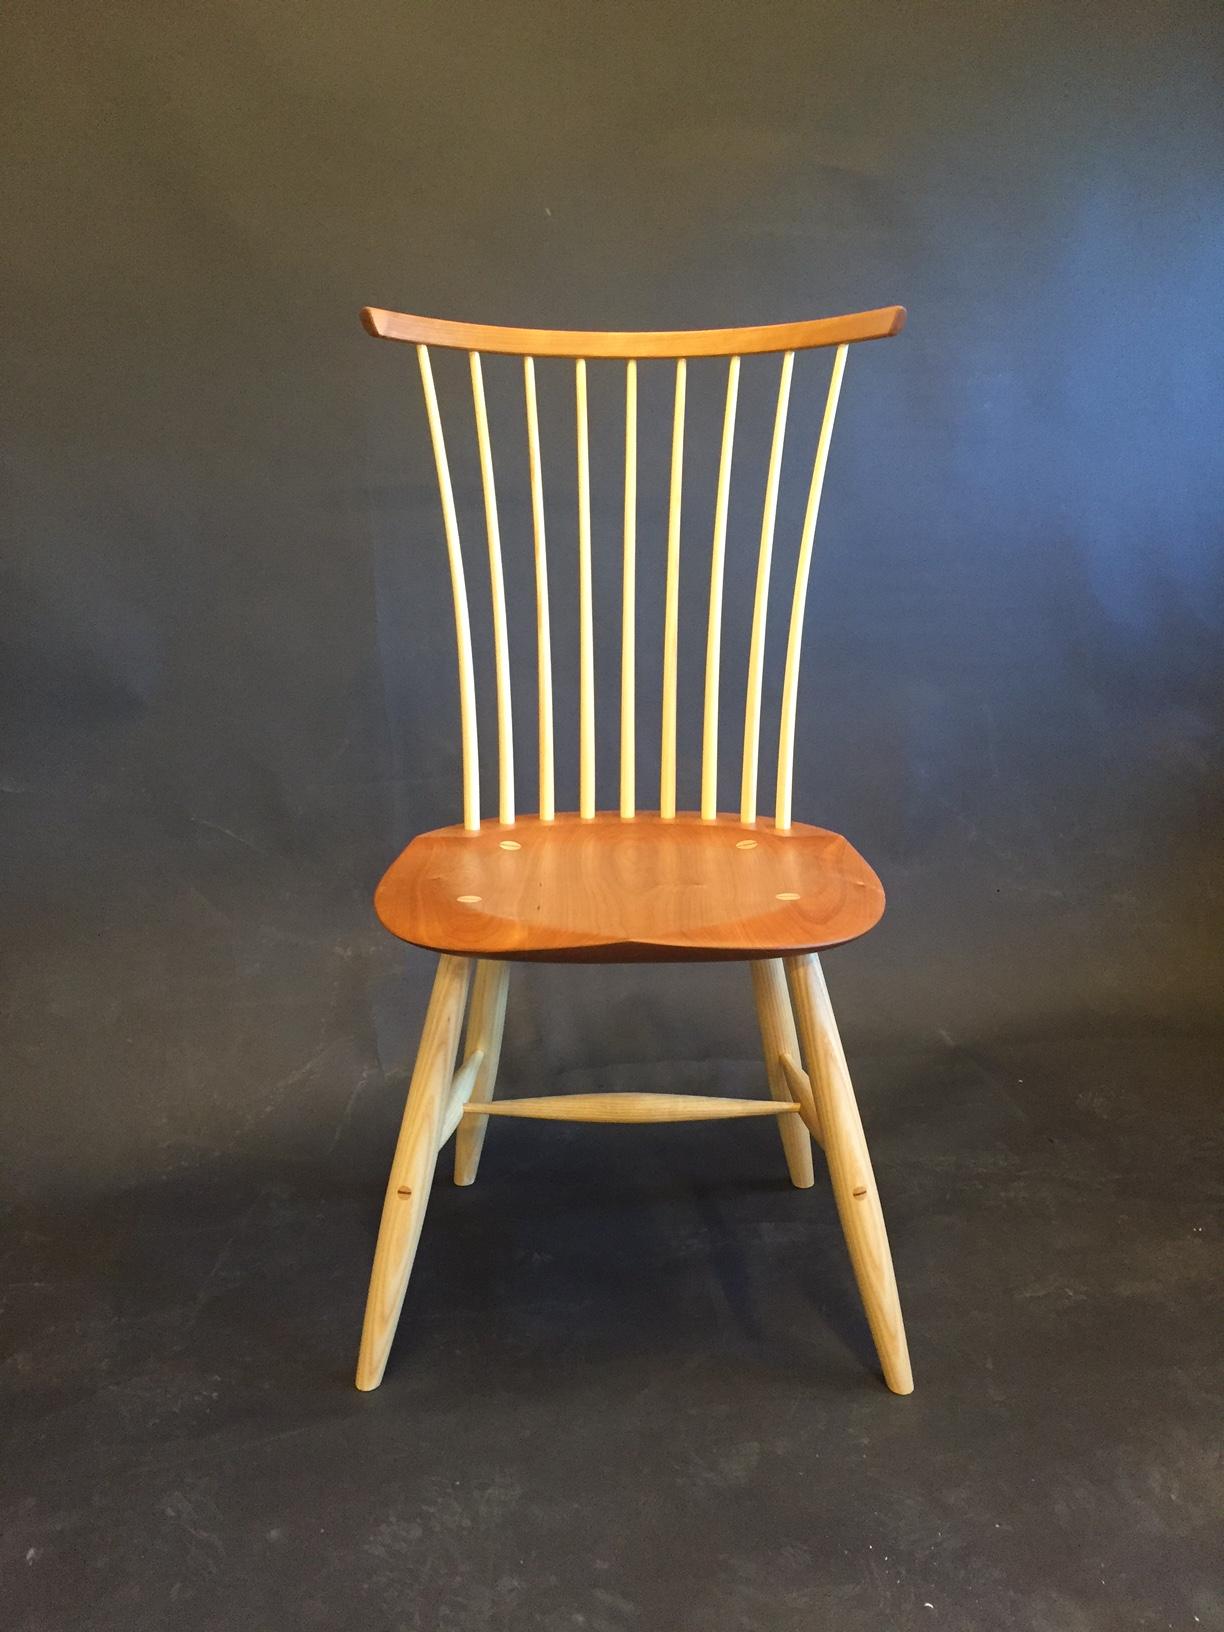 Waltham side chair - timothy clark 2